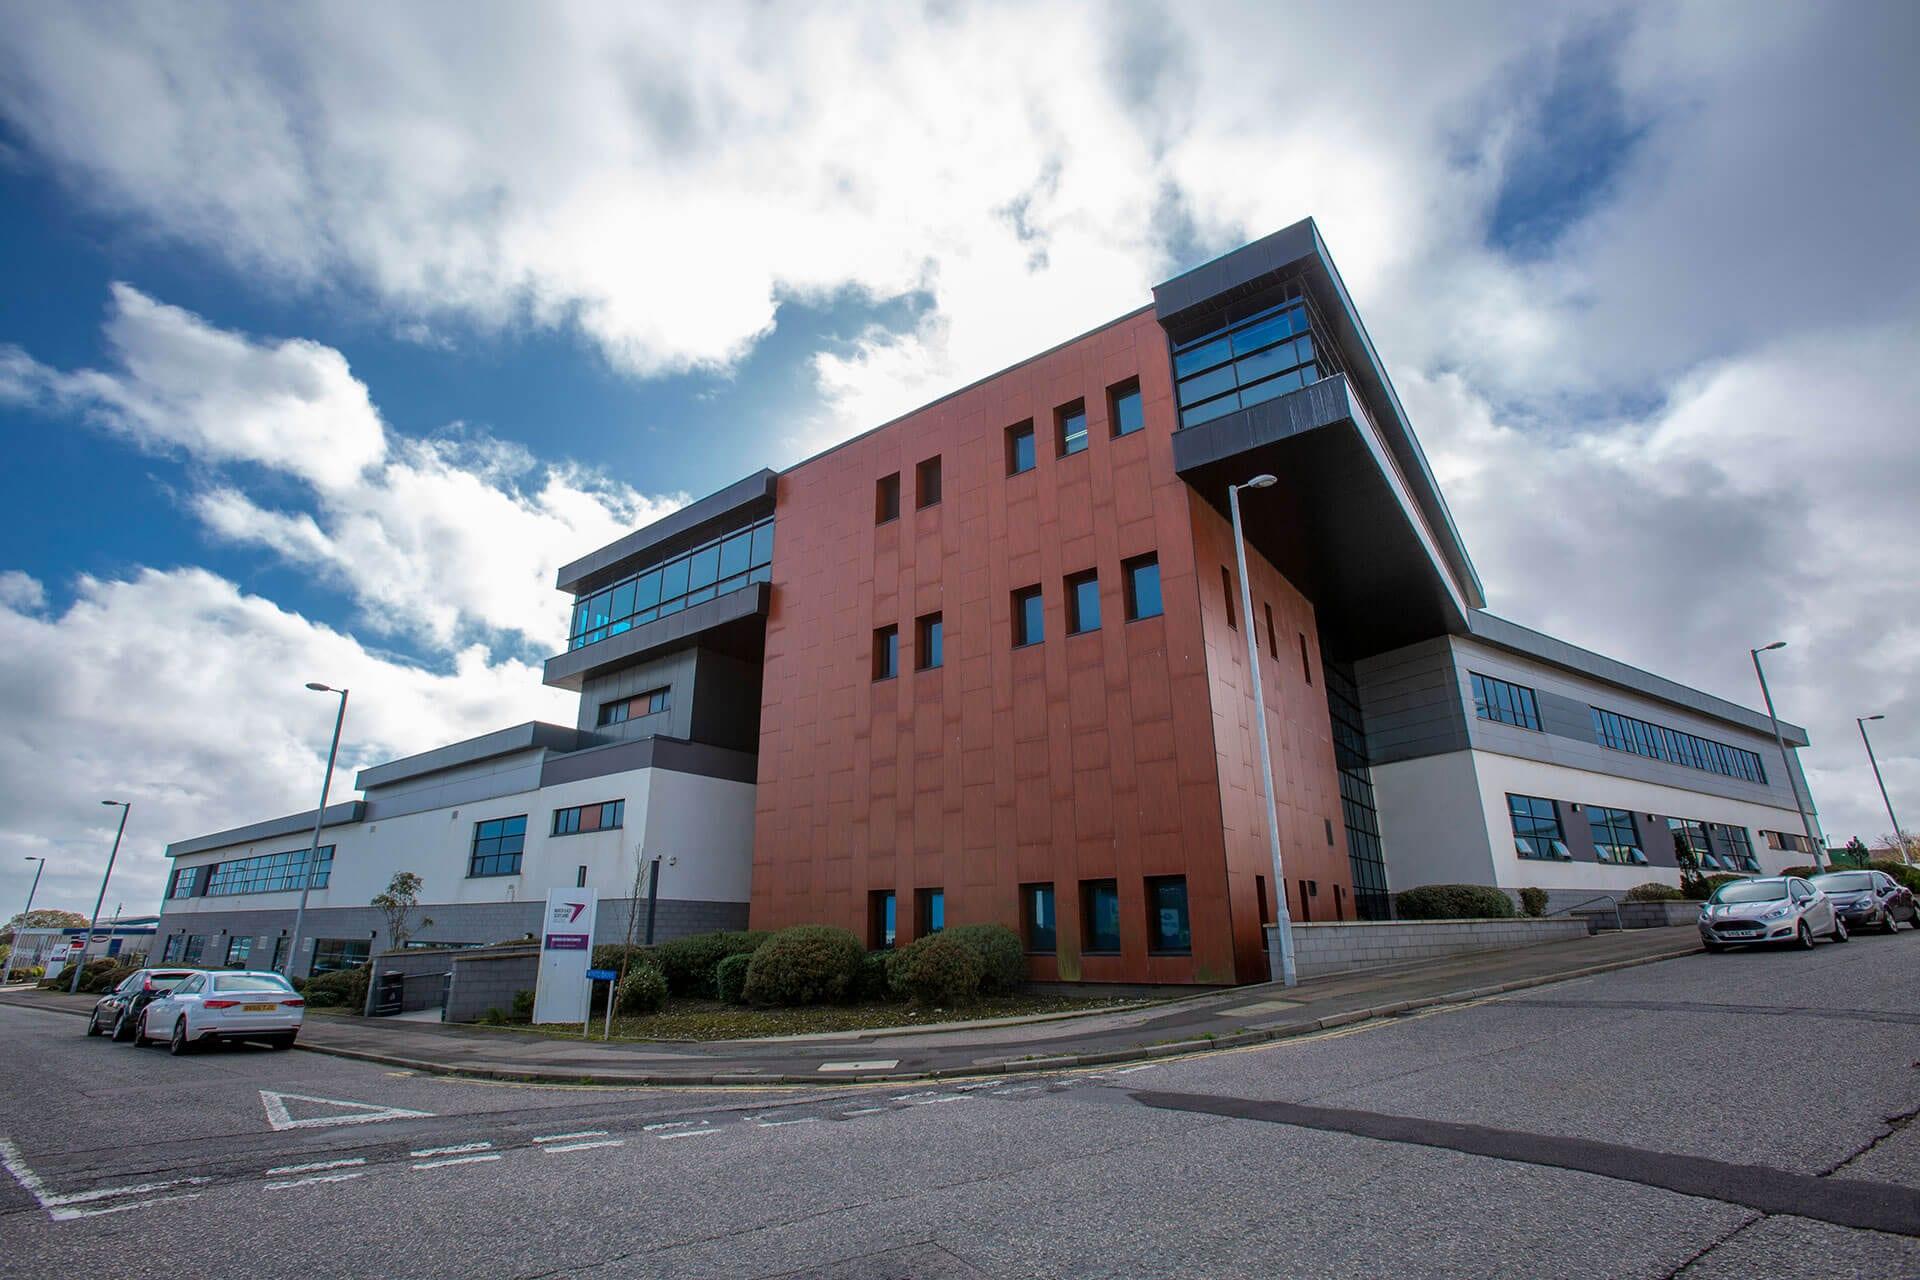 At Aberdeen Altens Campus